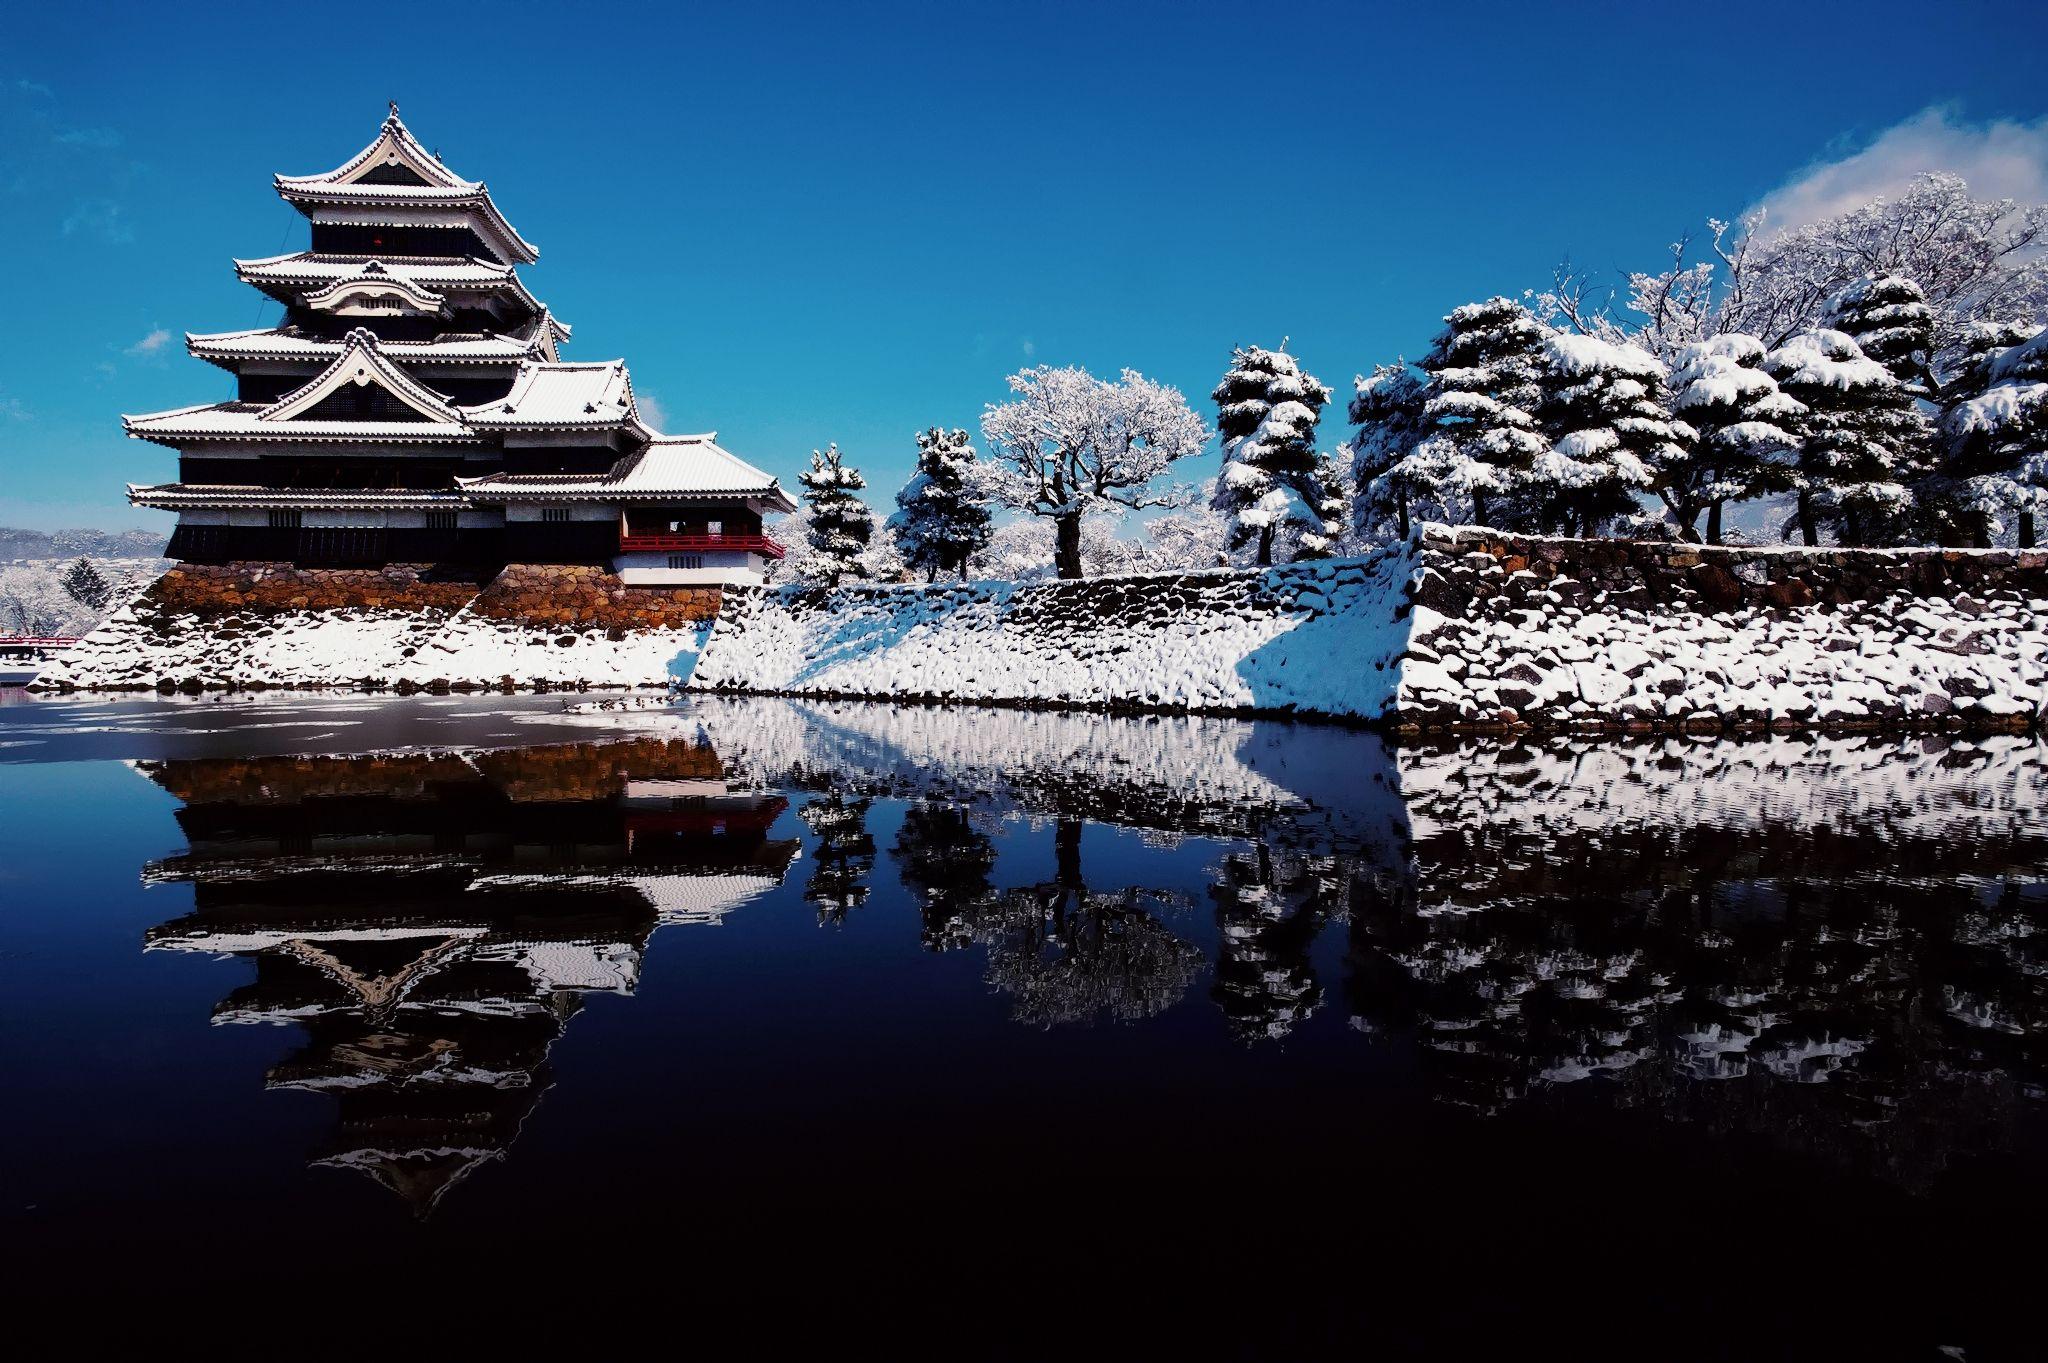 Зима 2020 - начало сезона по китайскому календарю